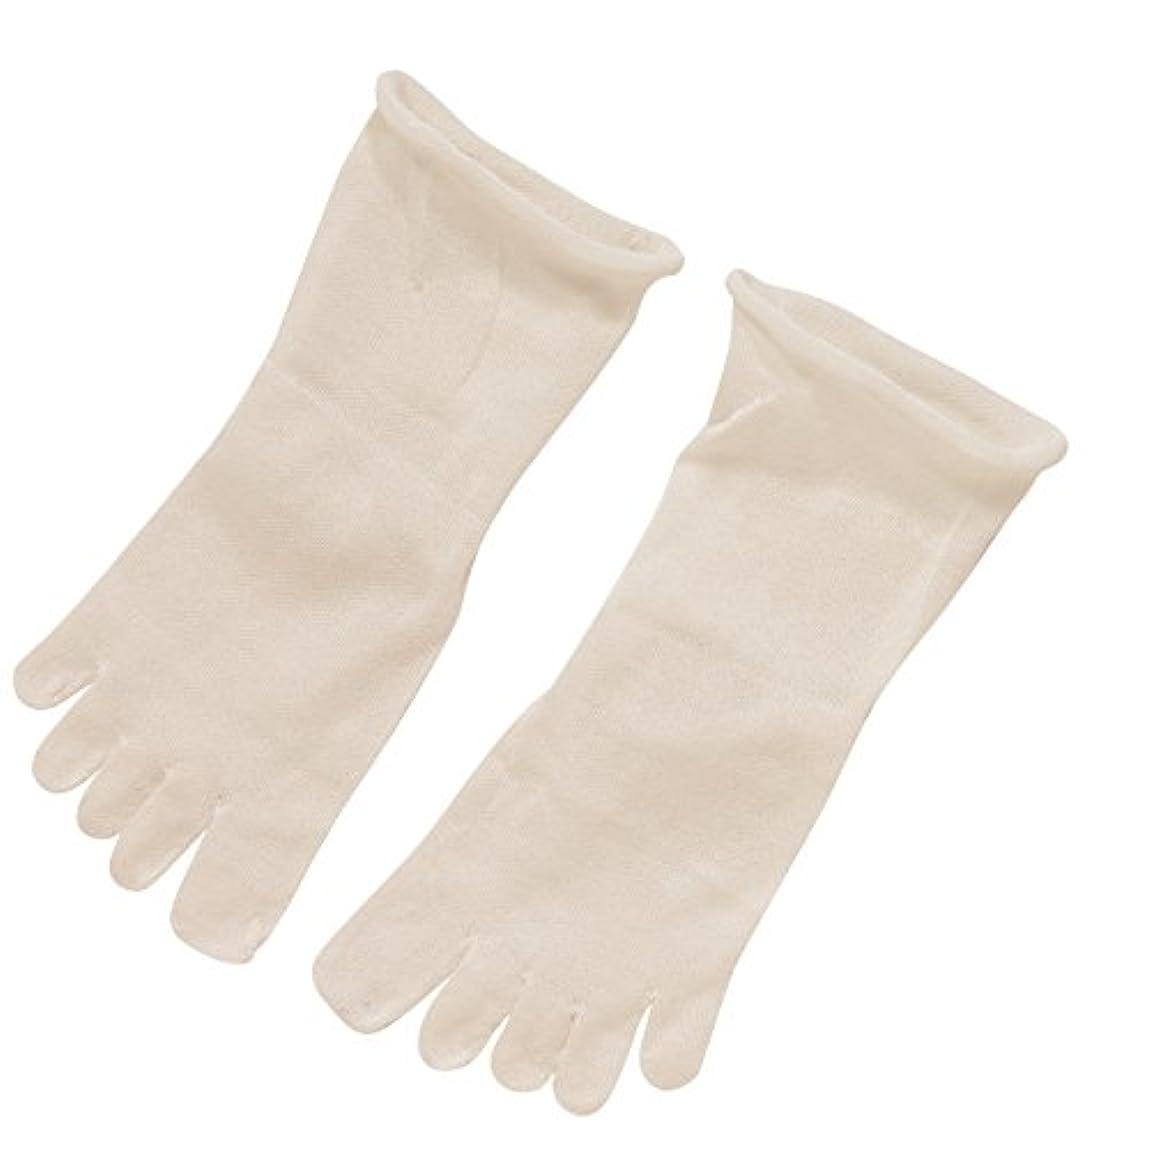 動揺させるボア患者コクーンフィット 4枚重ね履きソックス(1枚目) CO-0390-L-1-02 Lサイズ(25~27cm)